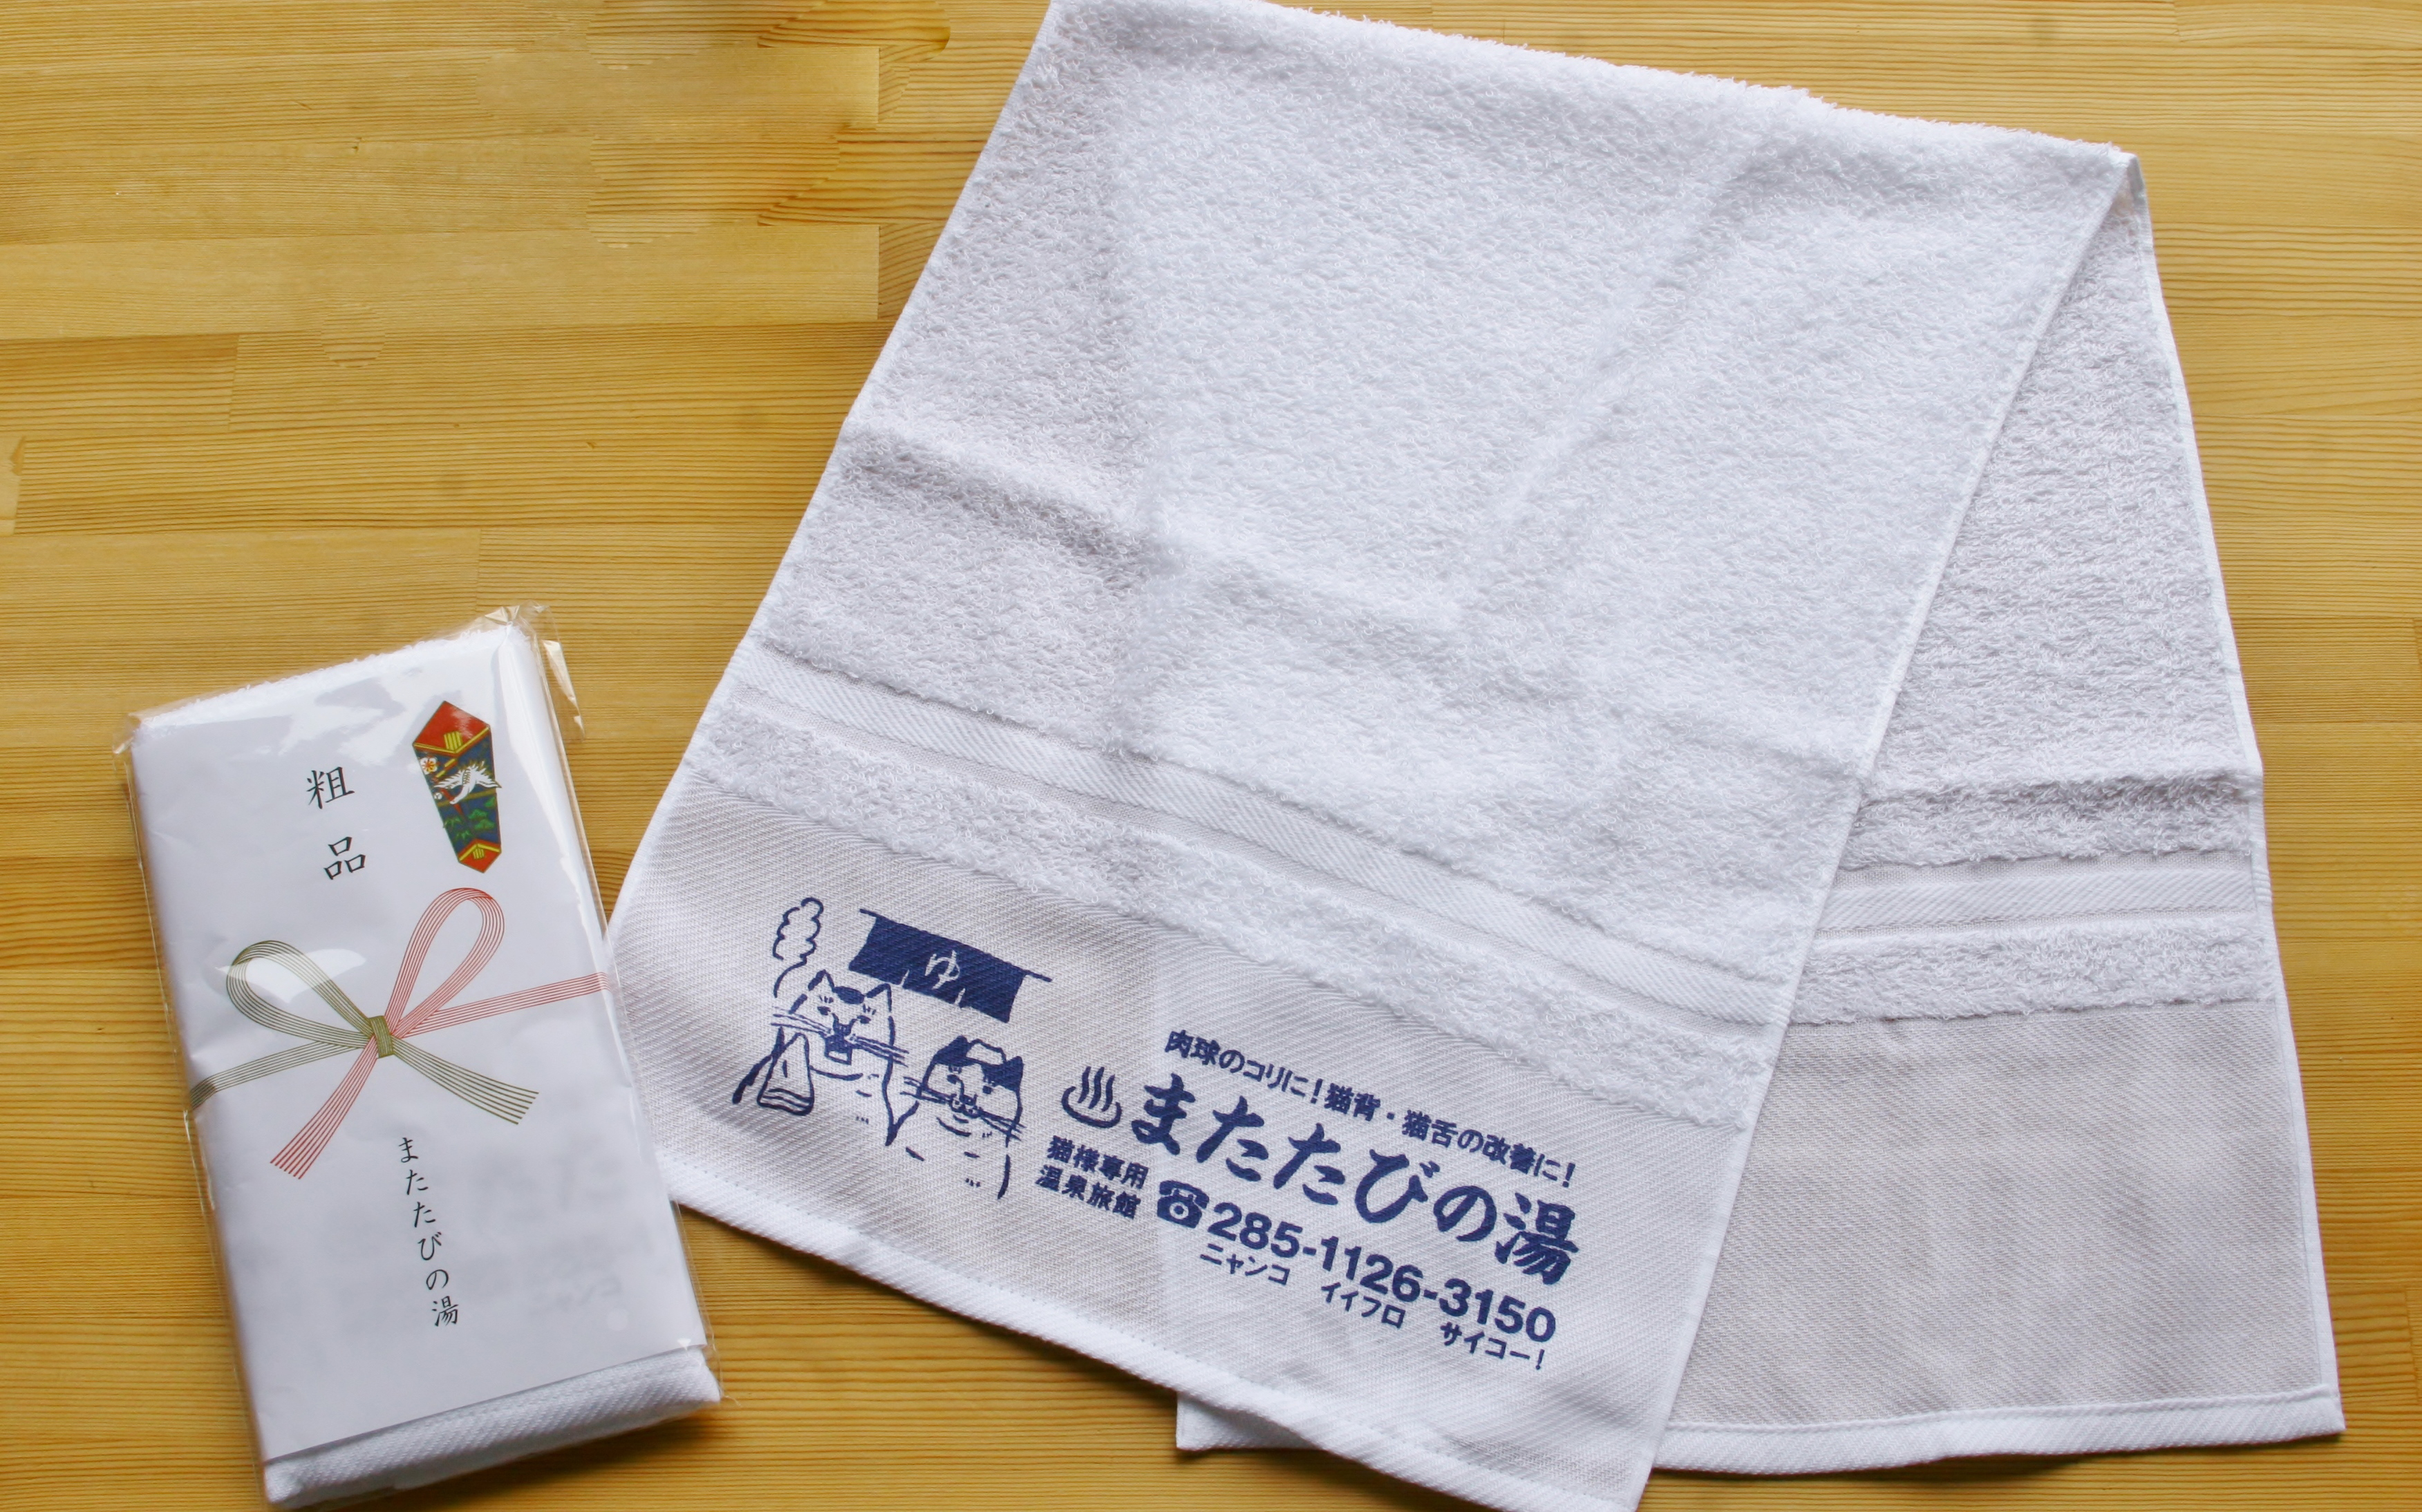 猫雑貨 猫グッズ 秋田 かぎしっぽ うみねこ社 またたびの湯 タオル スリッパ 巾着